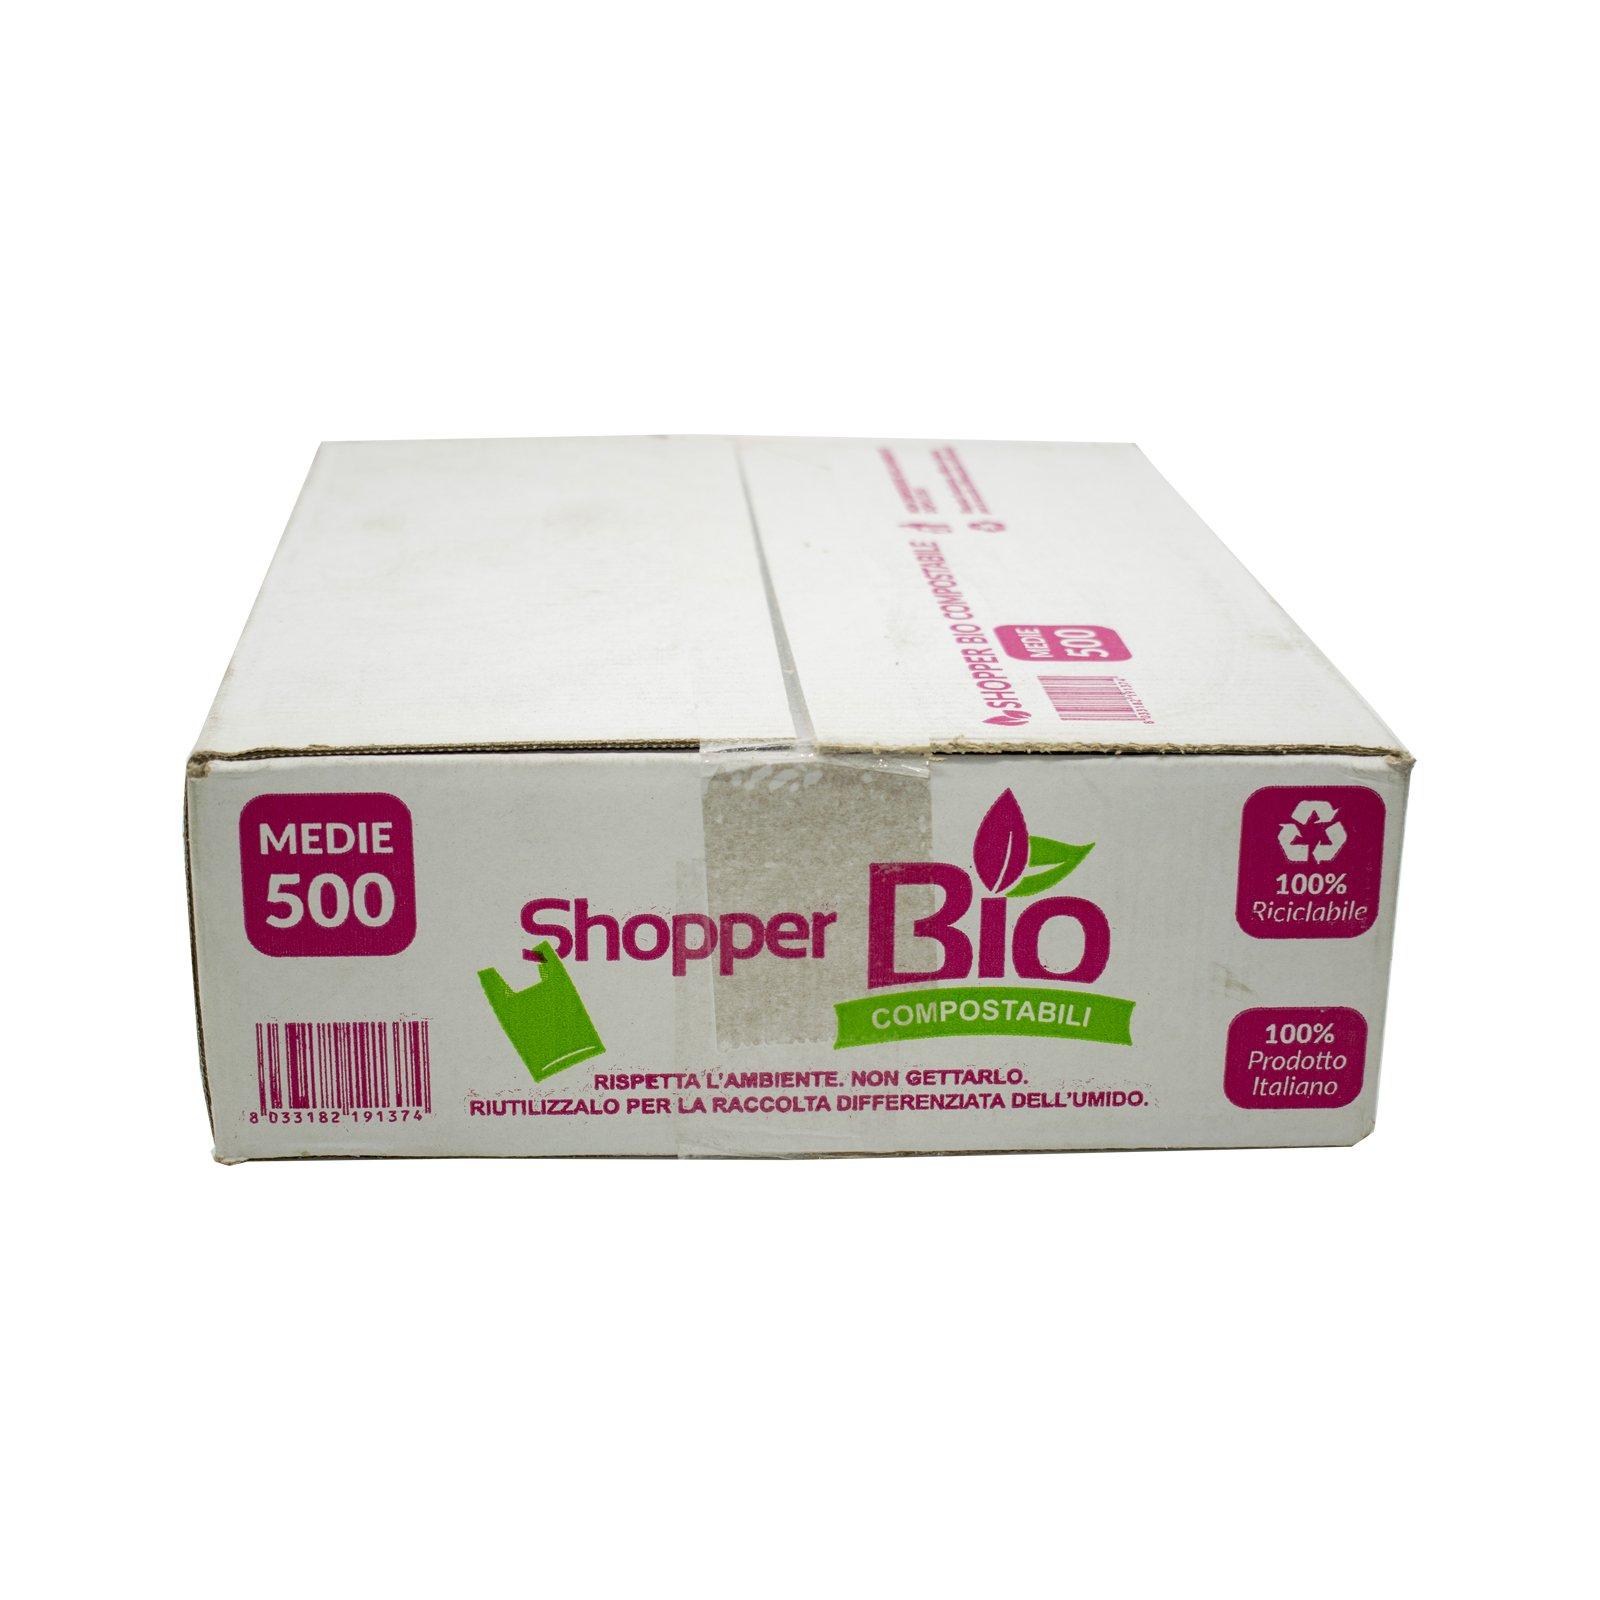 CARTARIA – SHOPPER BIO ECO MEDIE GR. 6,5 500 PZ (KG.3,25)